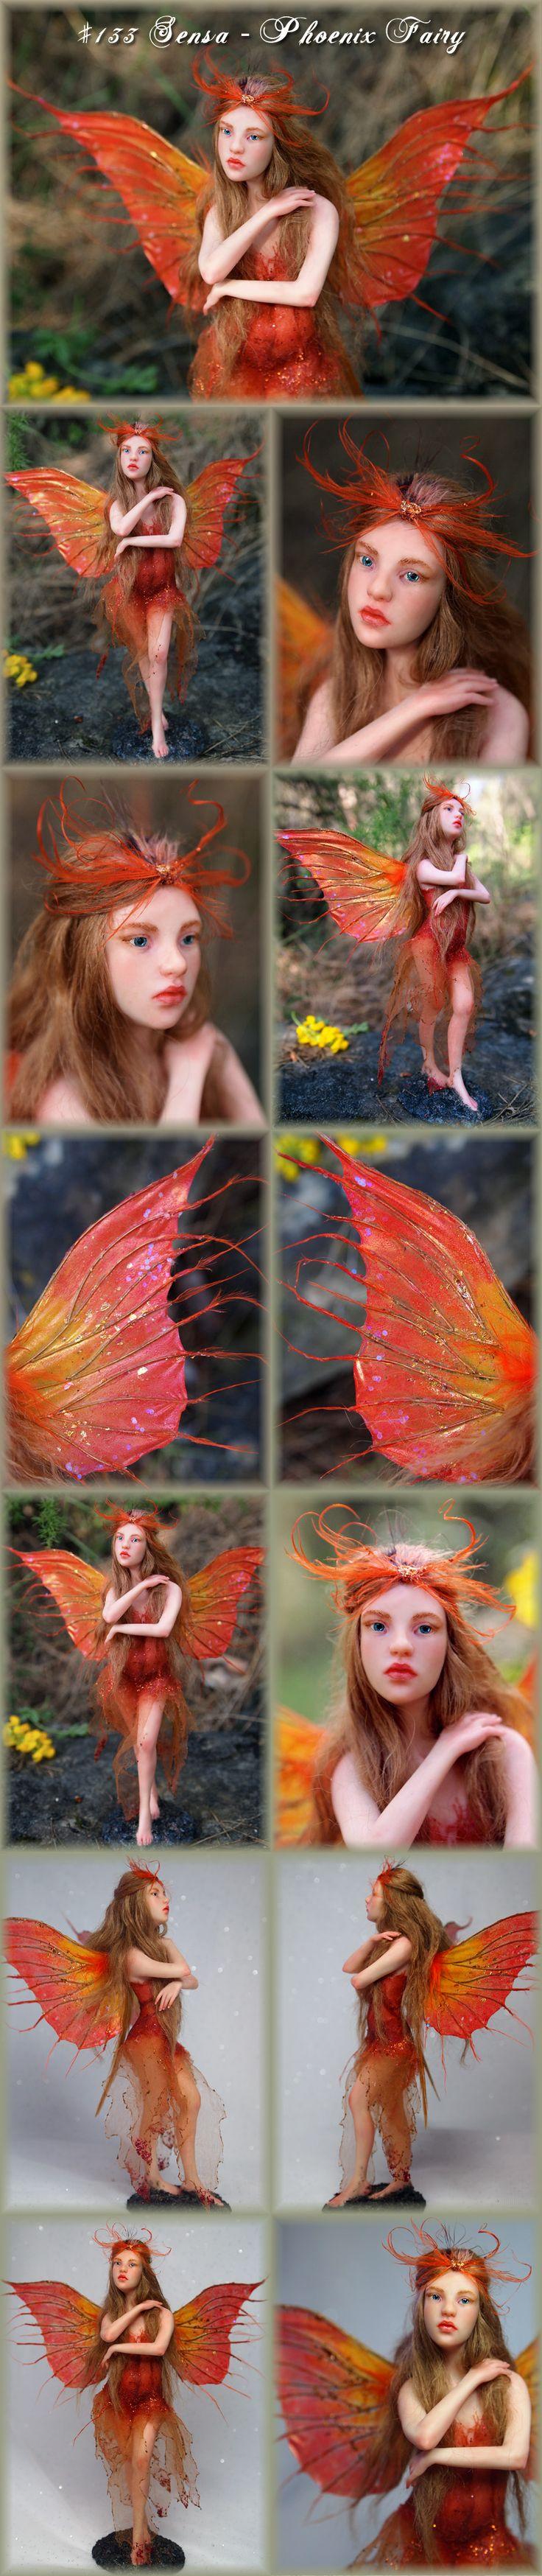 Nenúfar Blanco ~ #133 Sensa ~ Phoenix Fairy